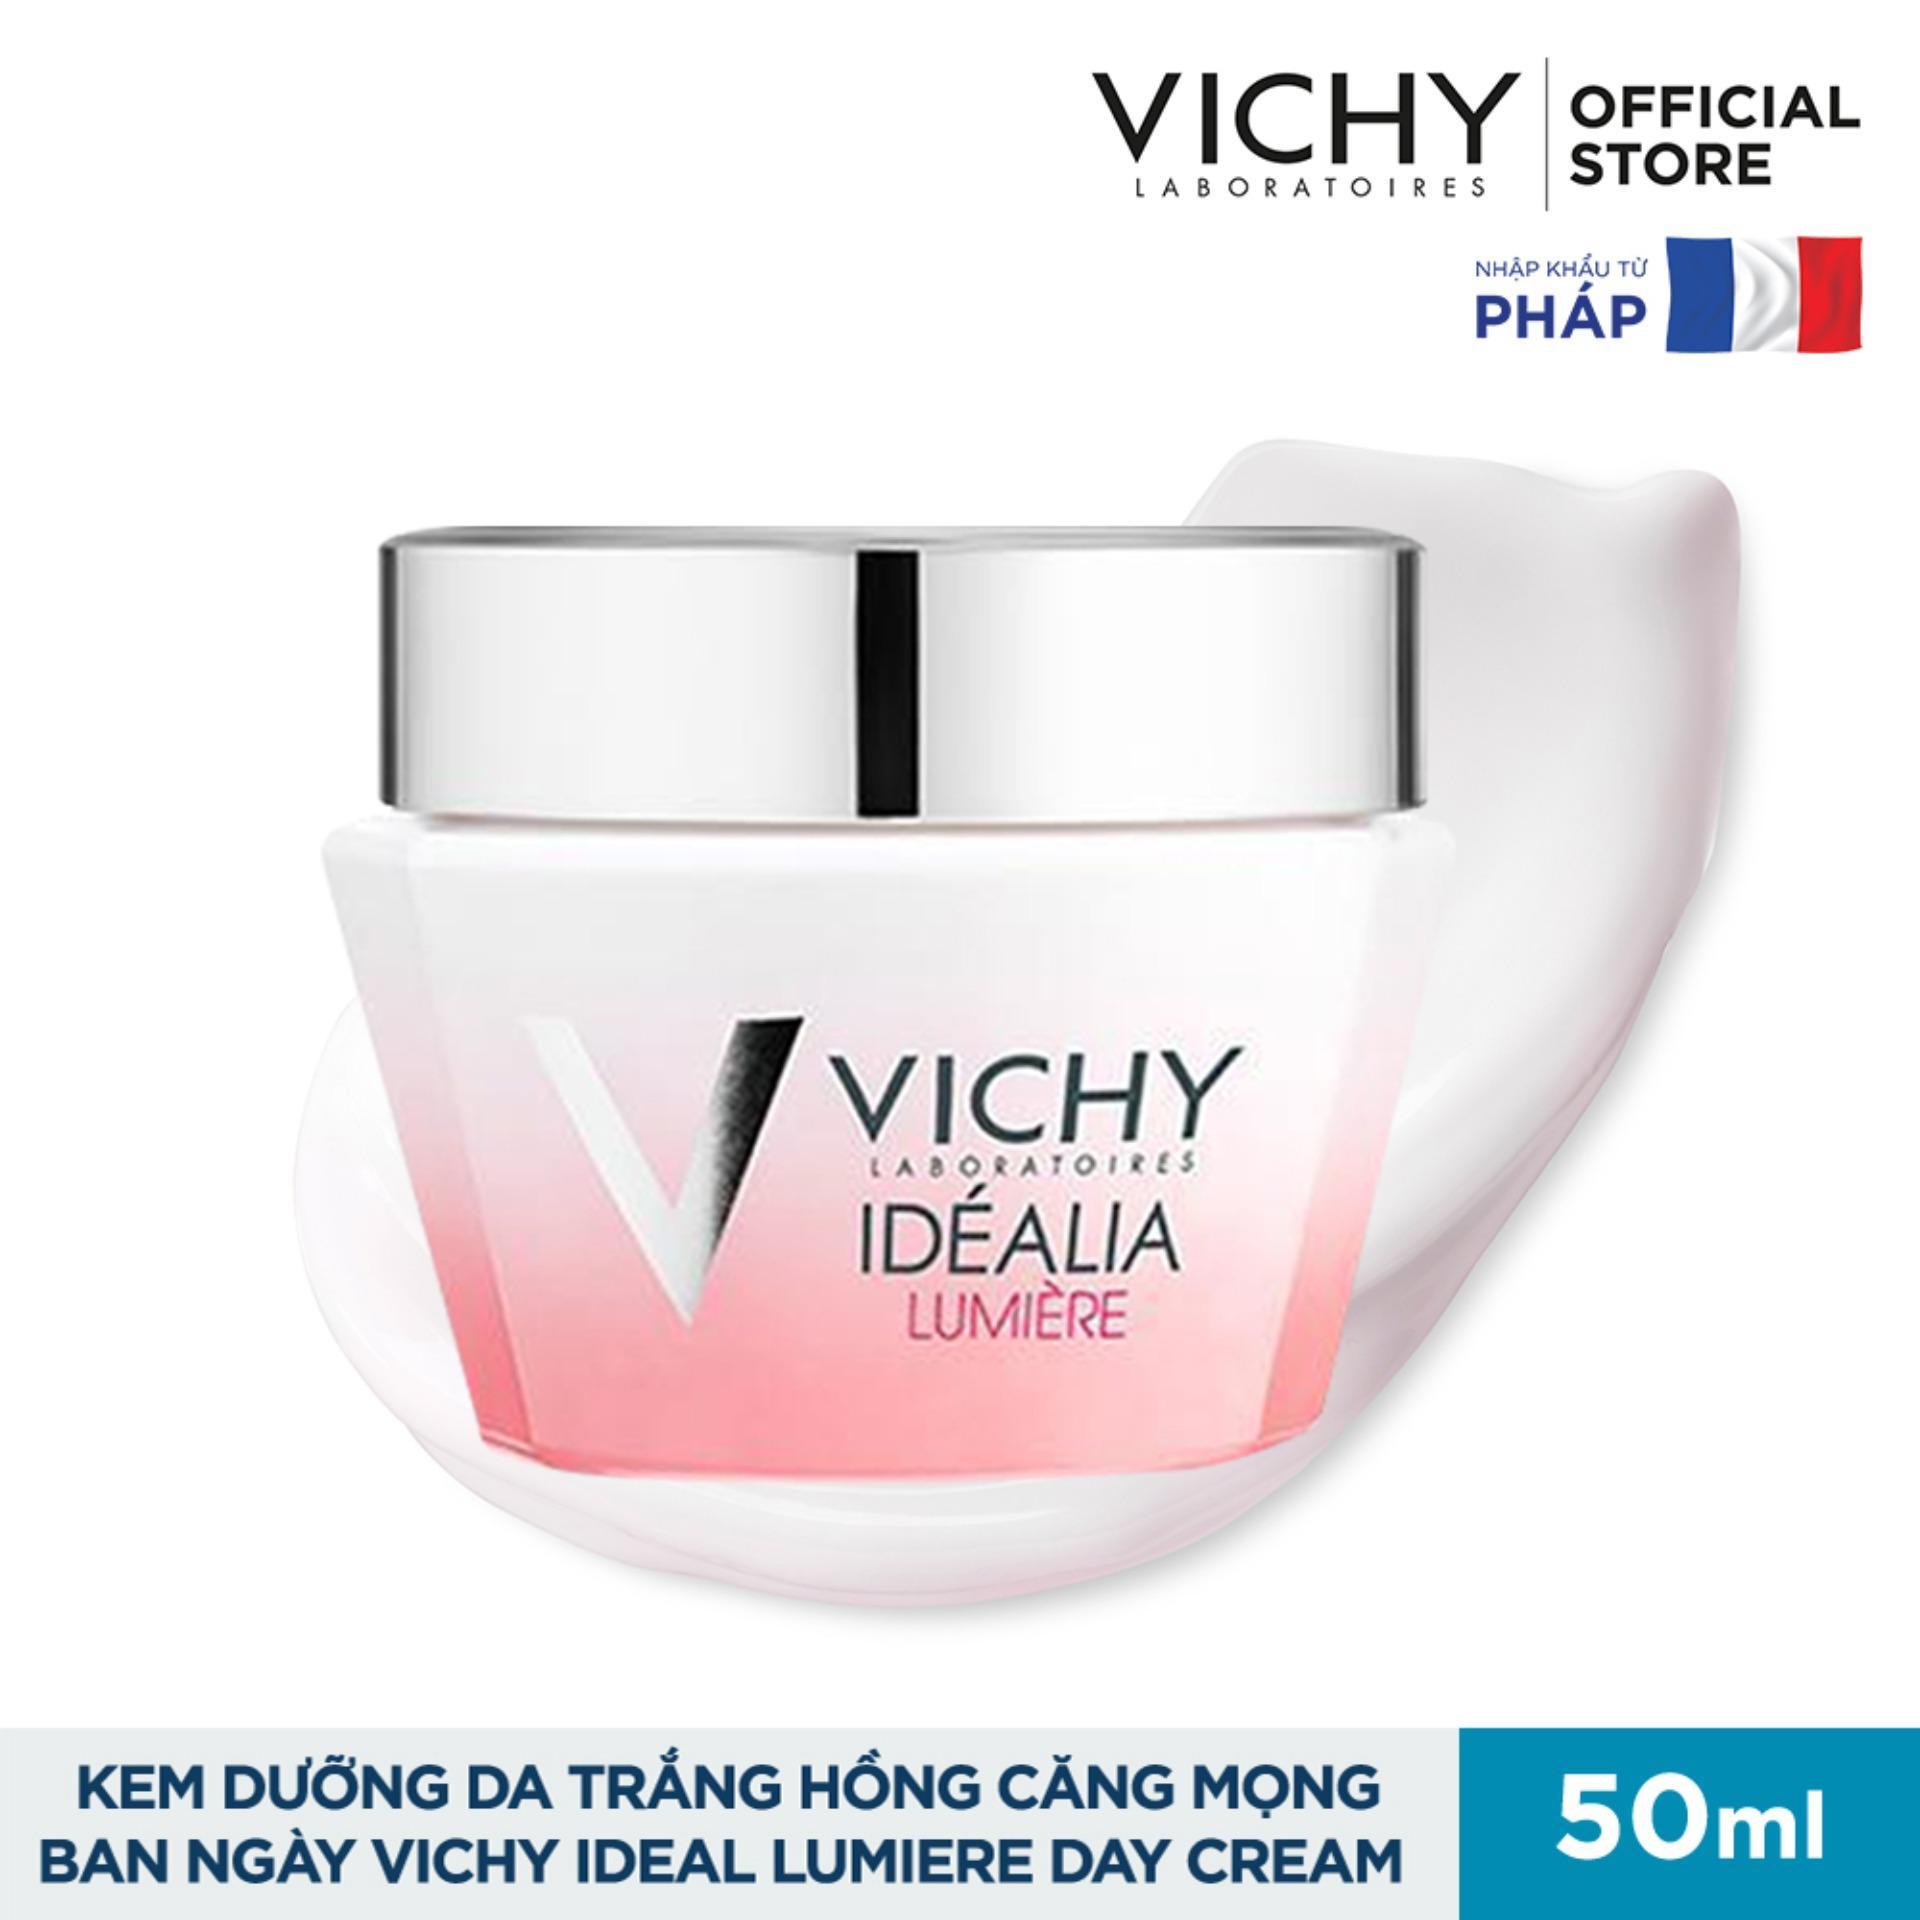 Kem dưỡng da trắng hồng căng mọng dùng cho ban ngày Vichy Idealia Lumiere Cream 50ml